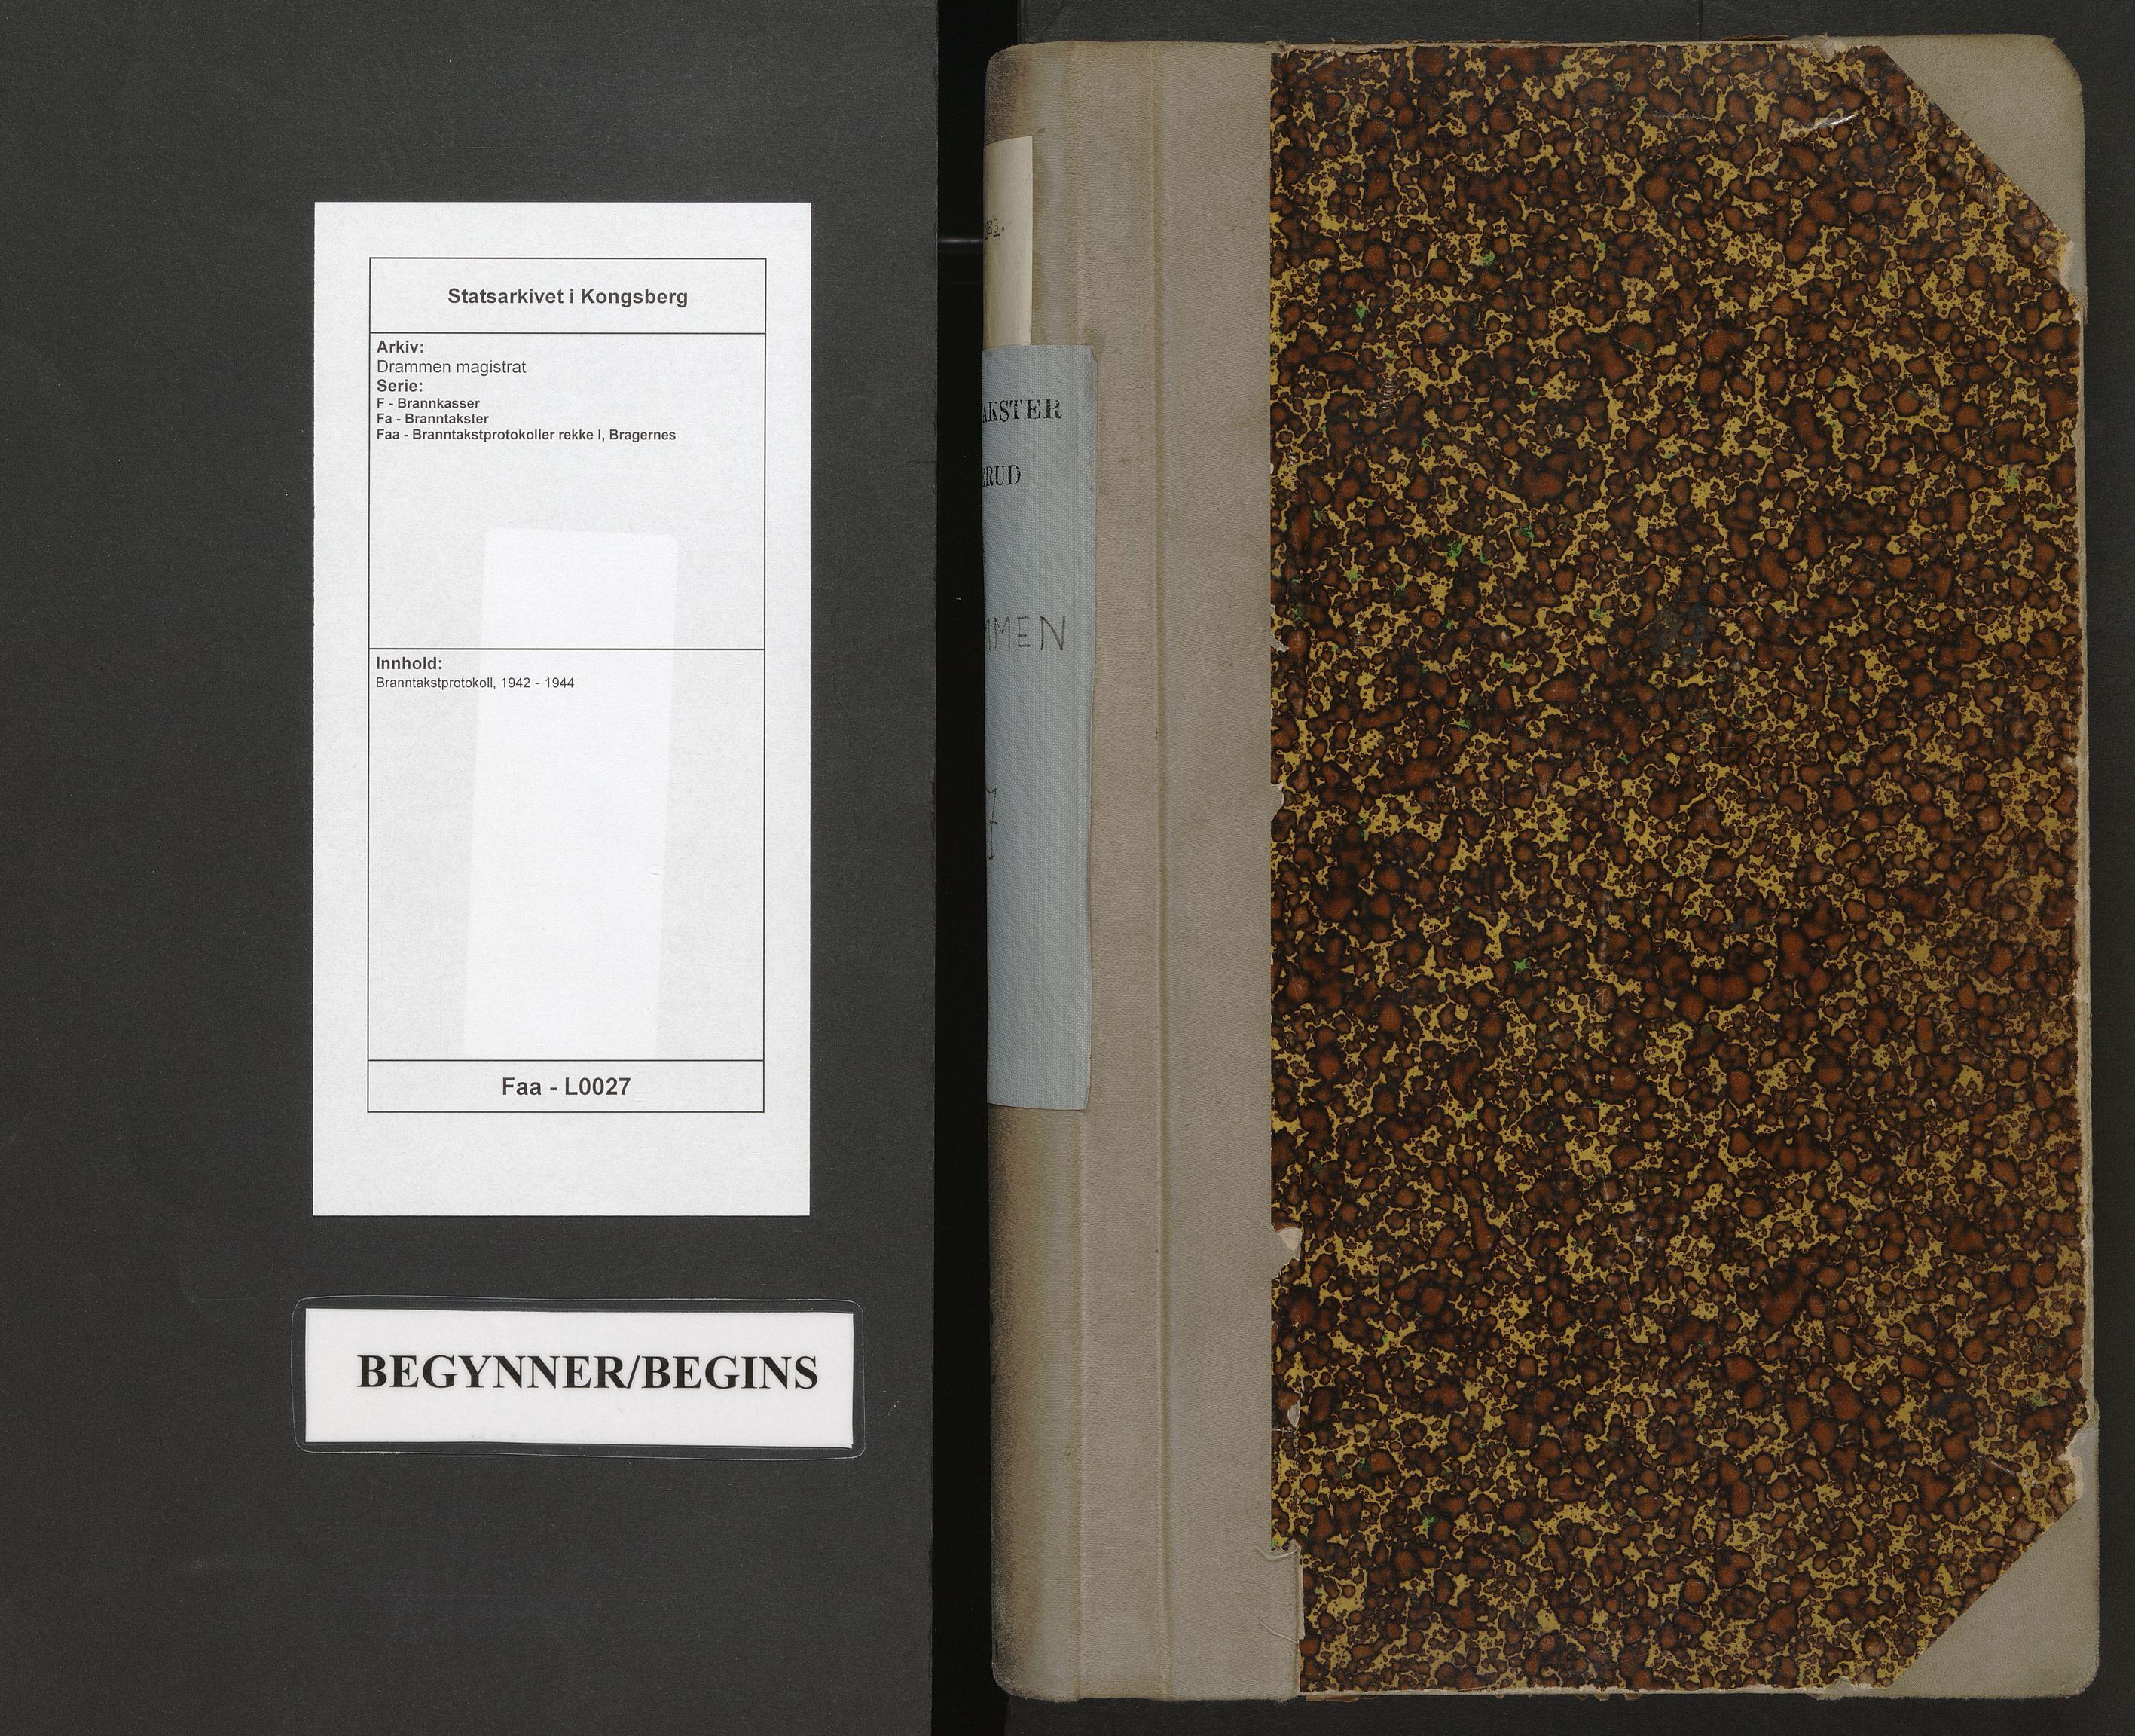 SAKO, Drammen magistrat, F/Fa/Faa/L0027: Branntakstprotokoll, 1942-1944